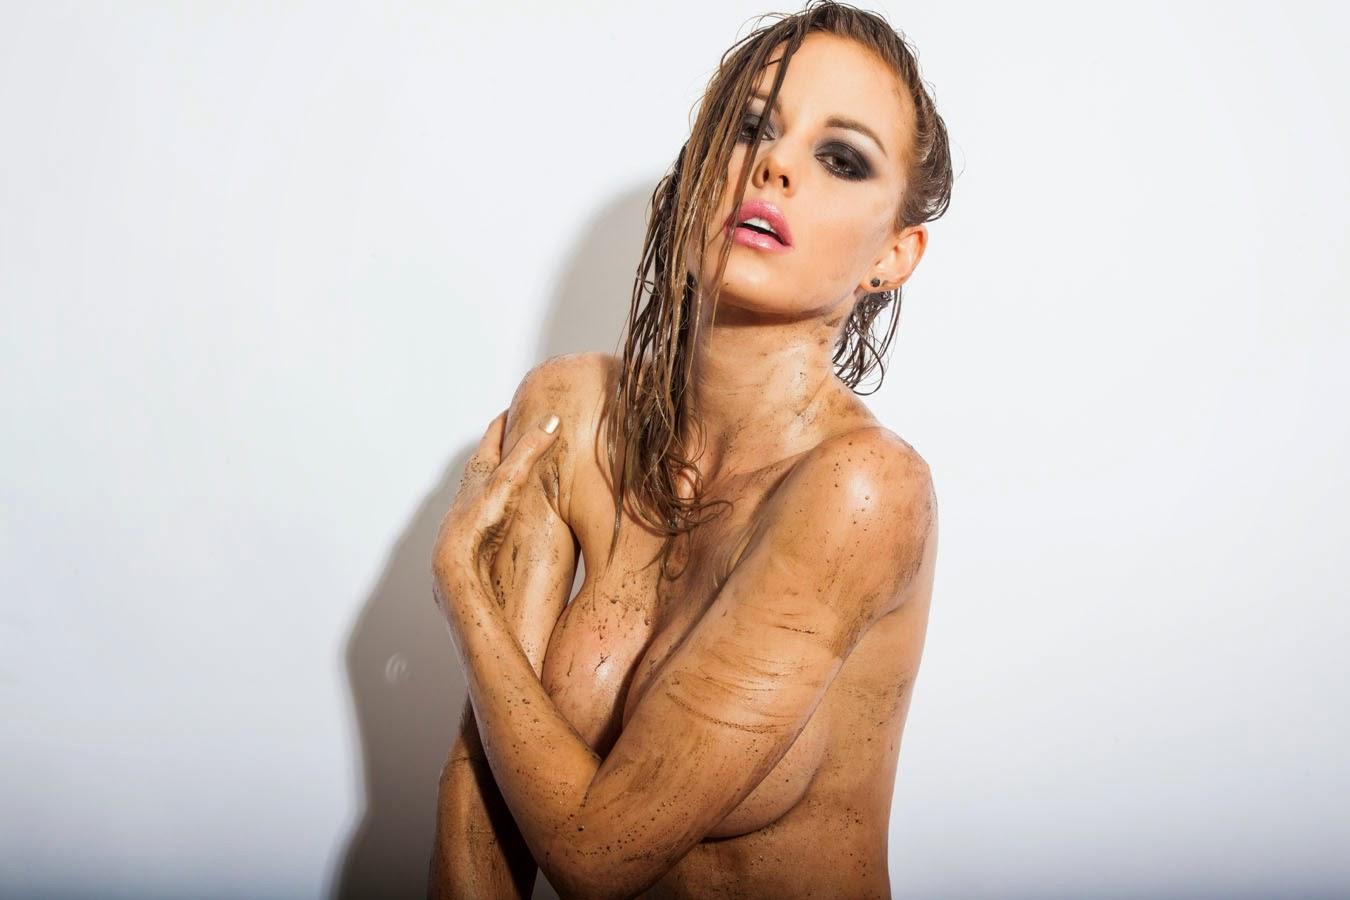 Instagram Sailor Brinkley Cook nudes (93 photos), Topless, Hot, Boobs, panties 2015